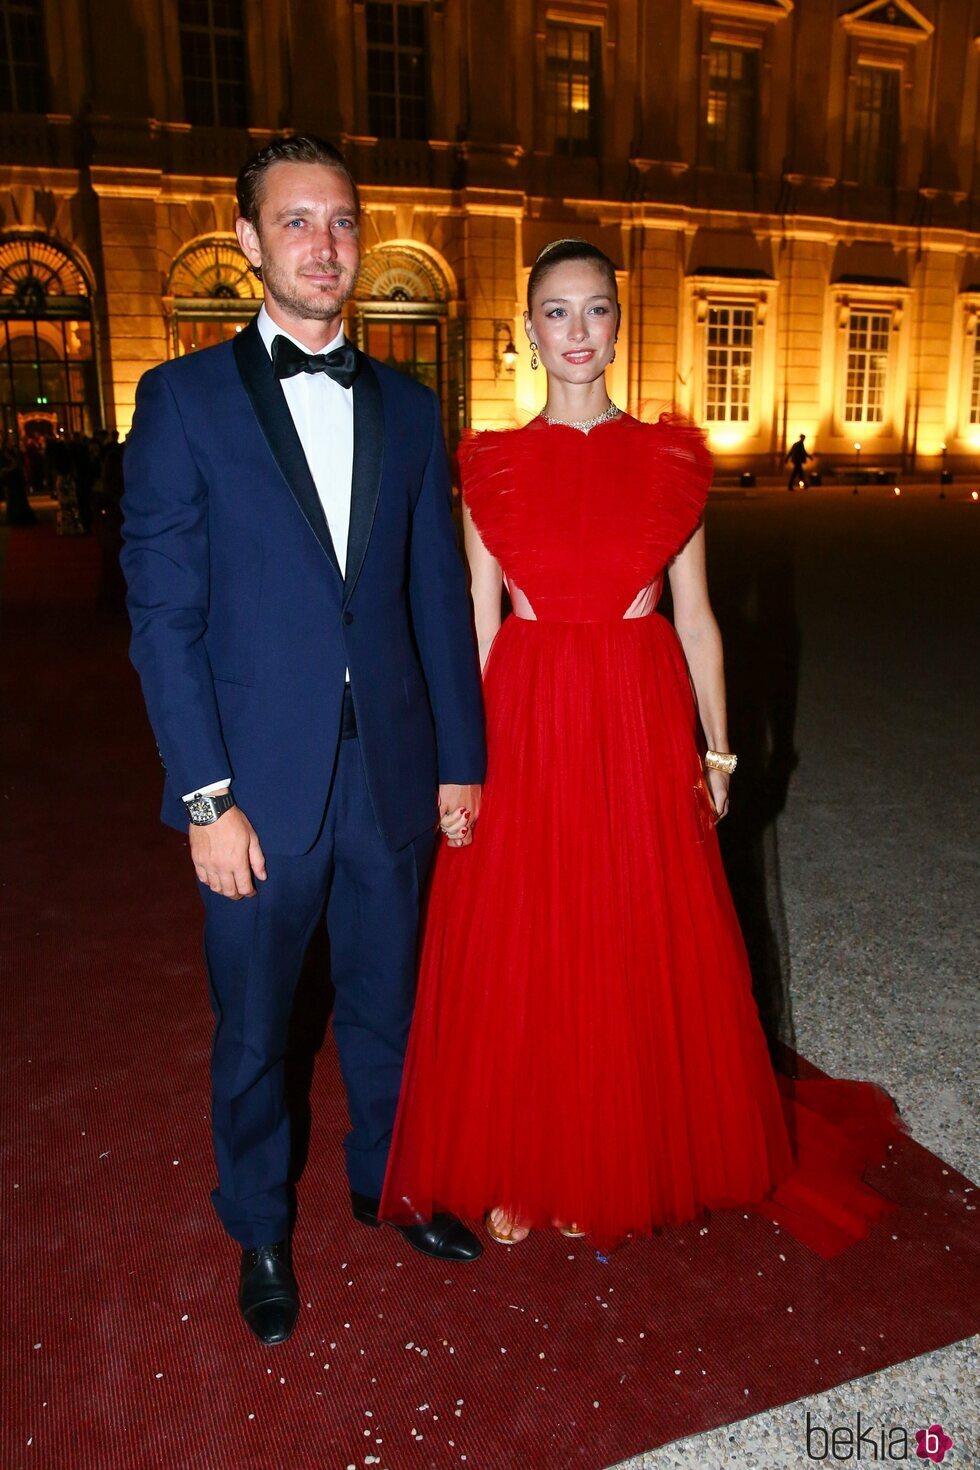 Pierre Casiraghi y Beatrice Borromeo en la boda de María Anunciata de Liechtenstein y Emanuele Musini